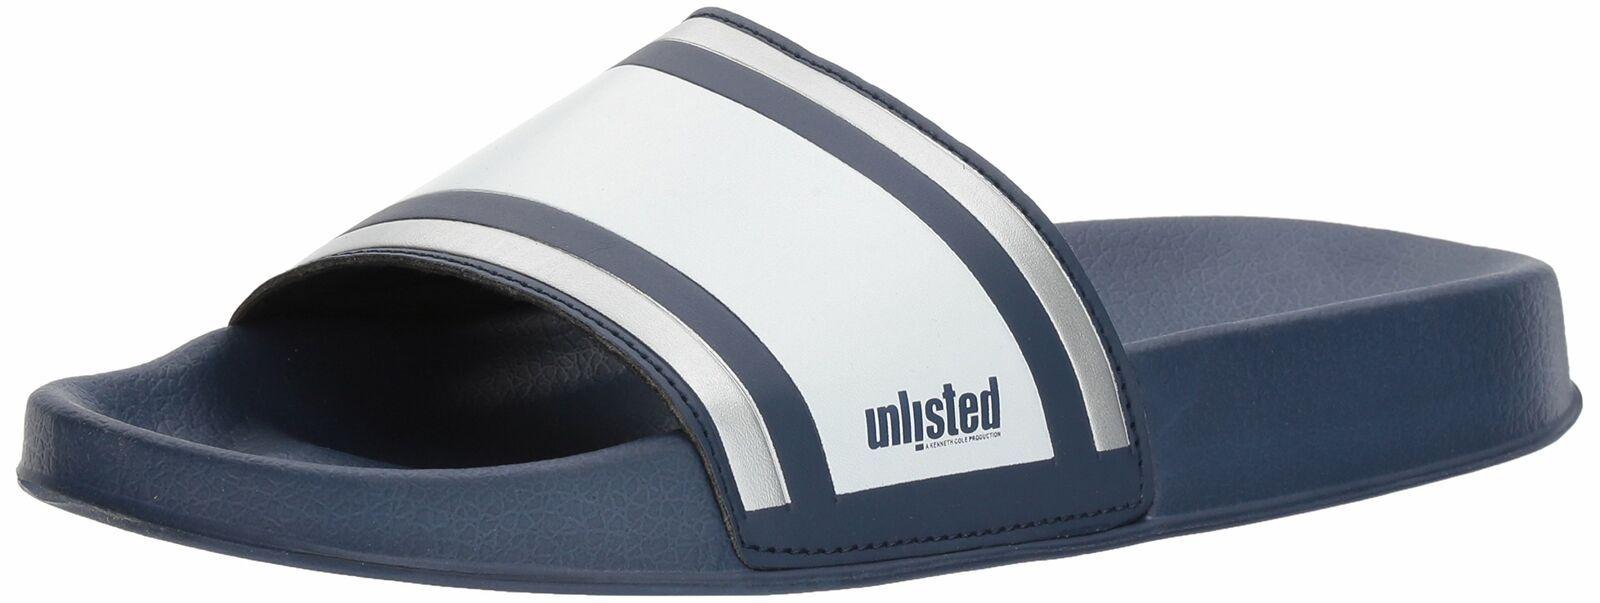 Unlisted by Kenneth Cole Men/'s Form Slide Sandal